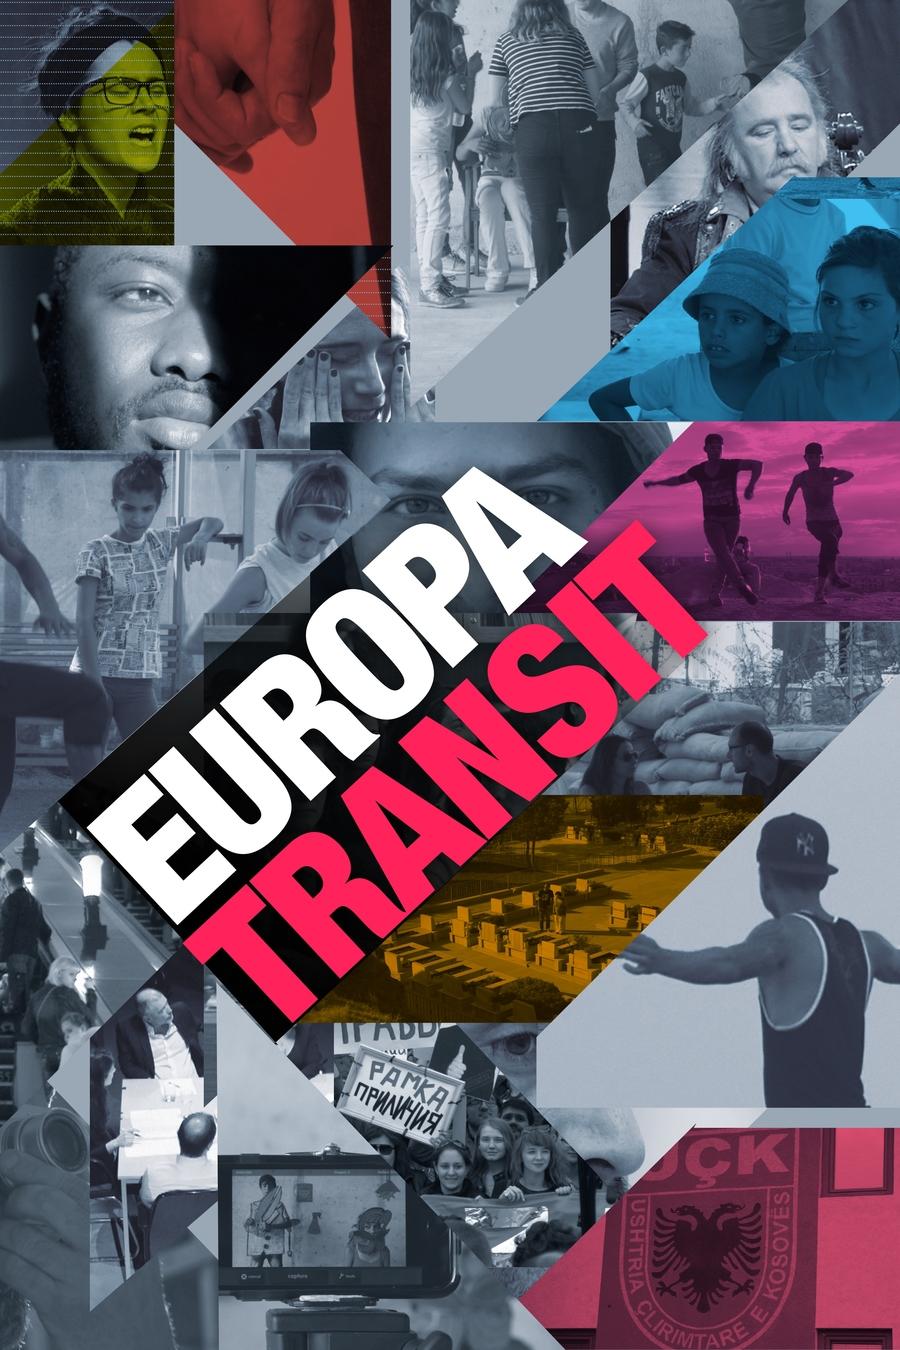 Europa Transit